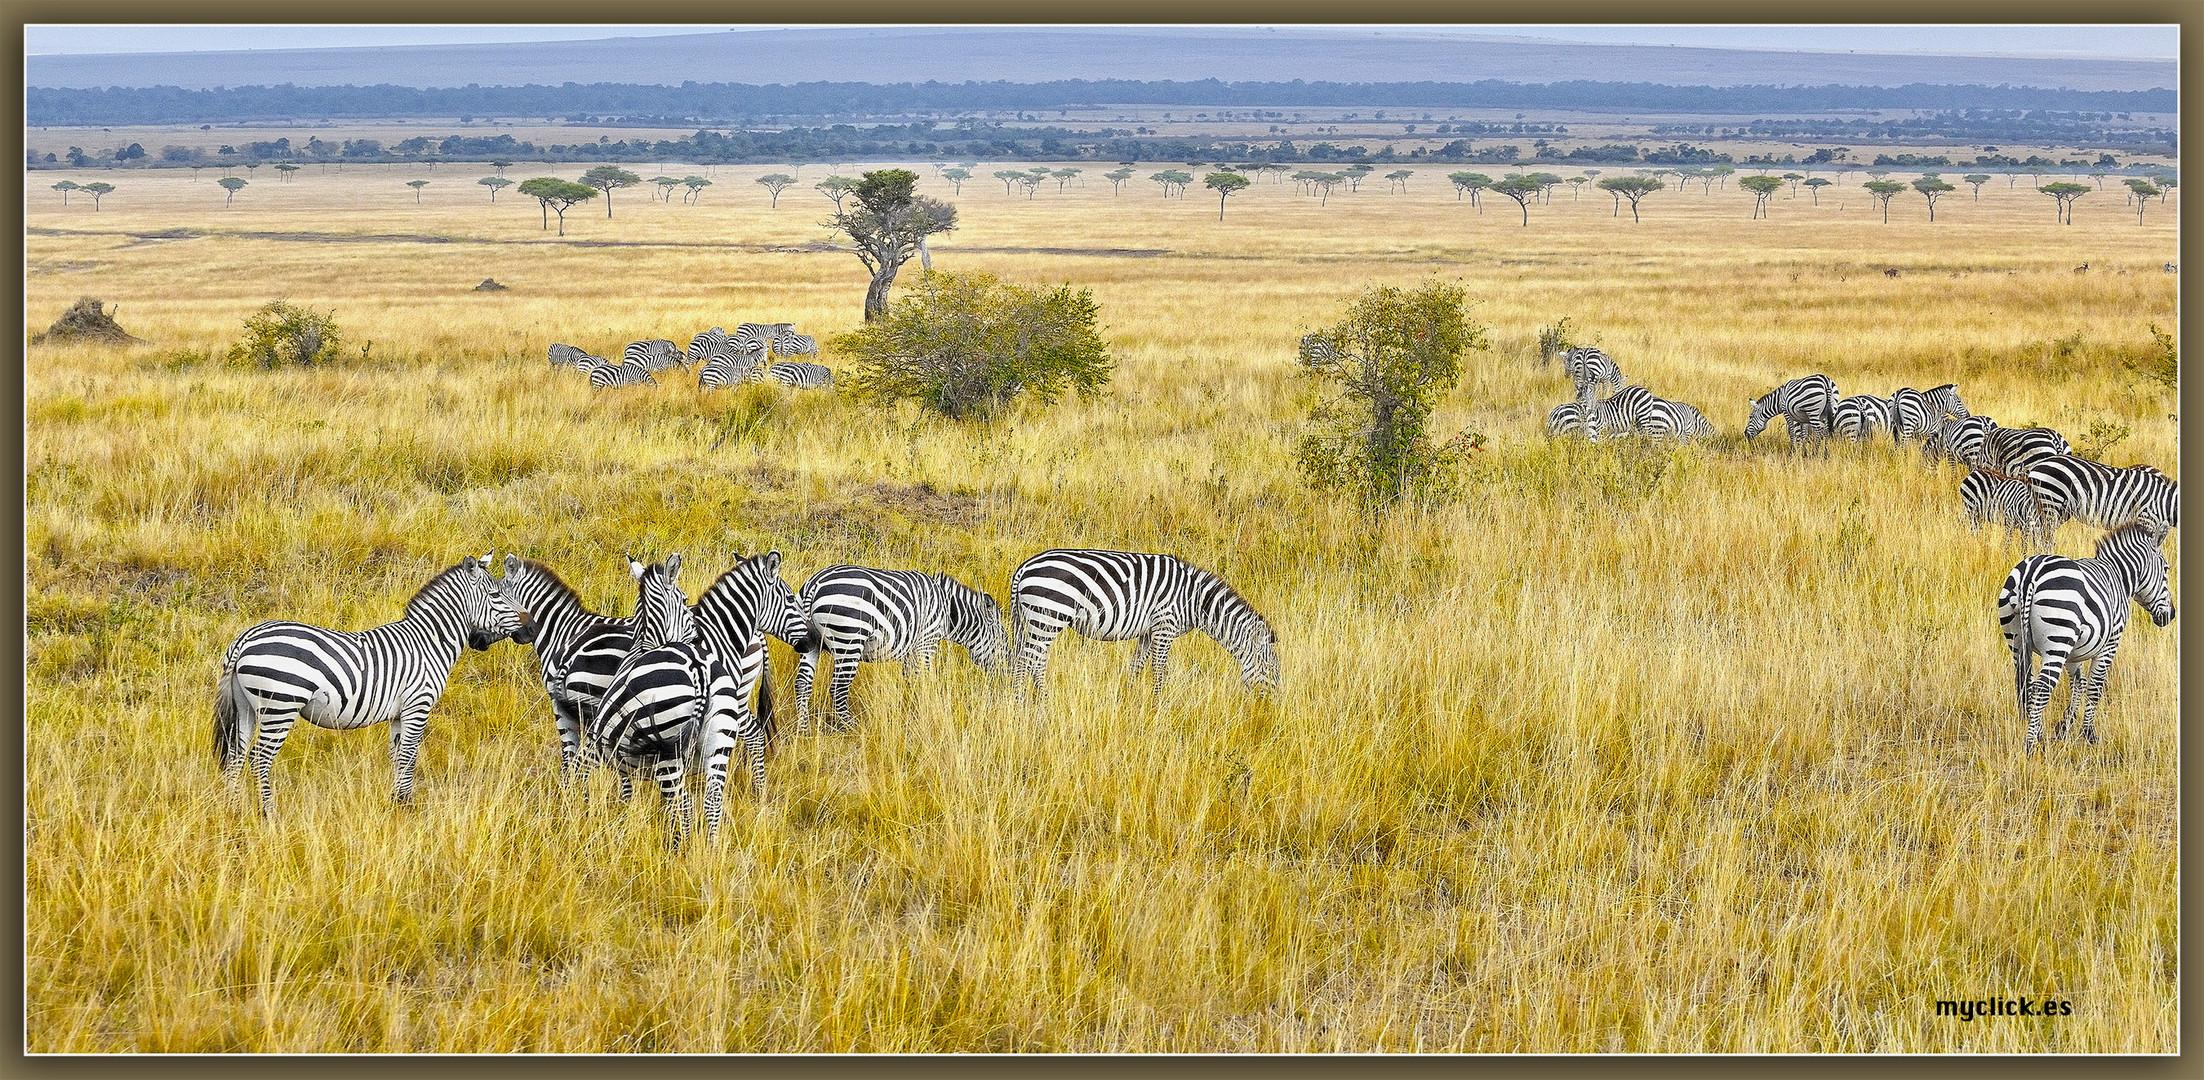 MEMORIAS DE AFRICA-LA PRIMERA ACAMPADA DEL MARA -KENIA